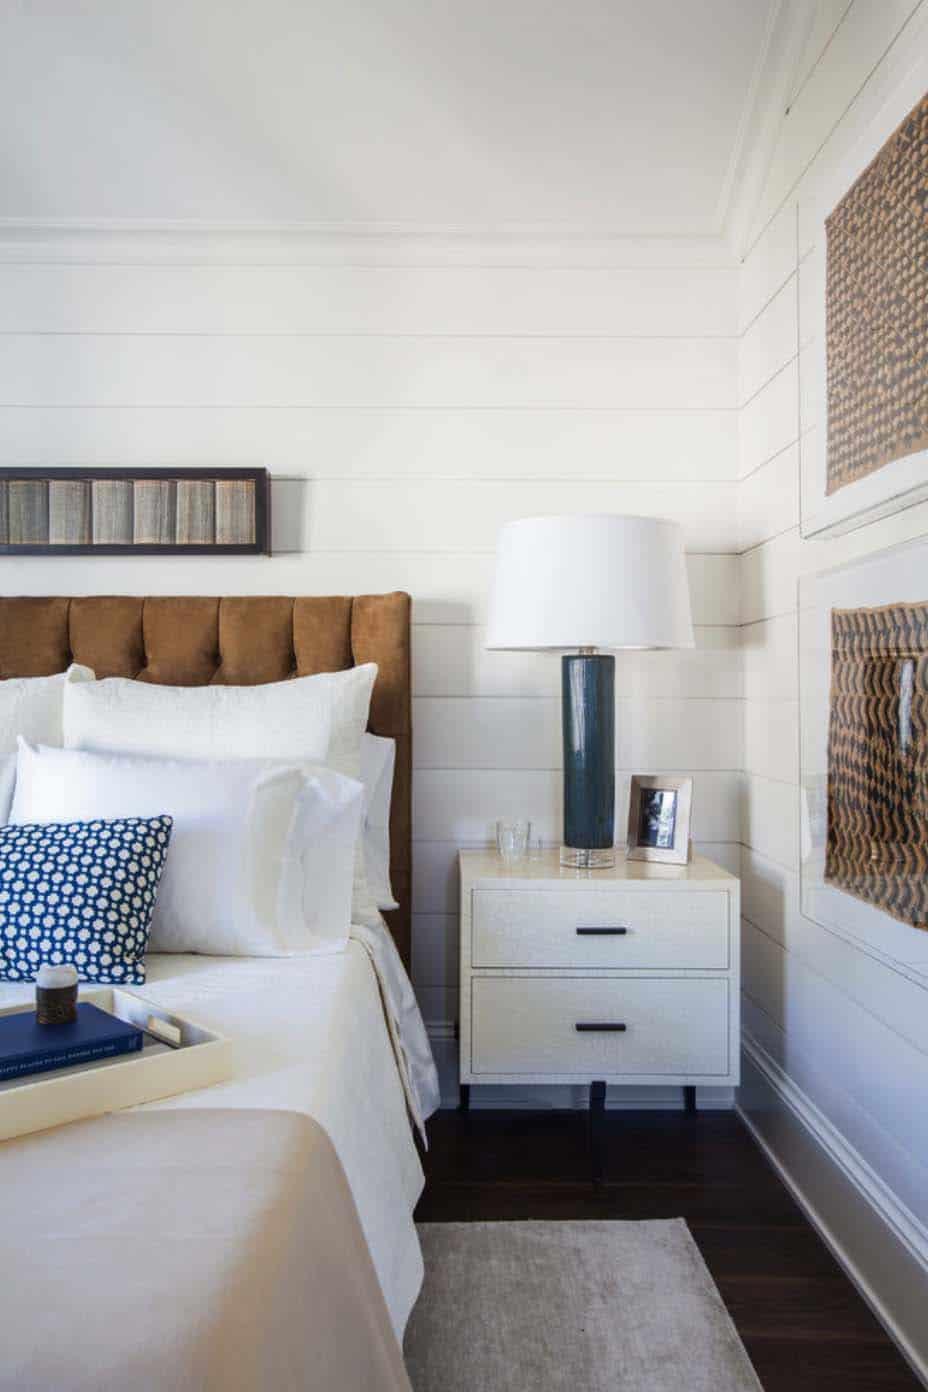 Maison d'hôtes de style cottage-Marie Flanigan Interiors-14-1 Kindesign